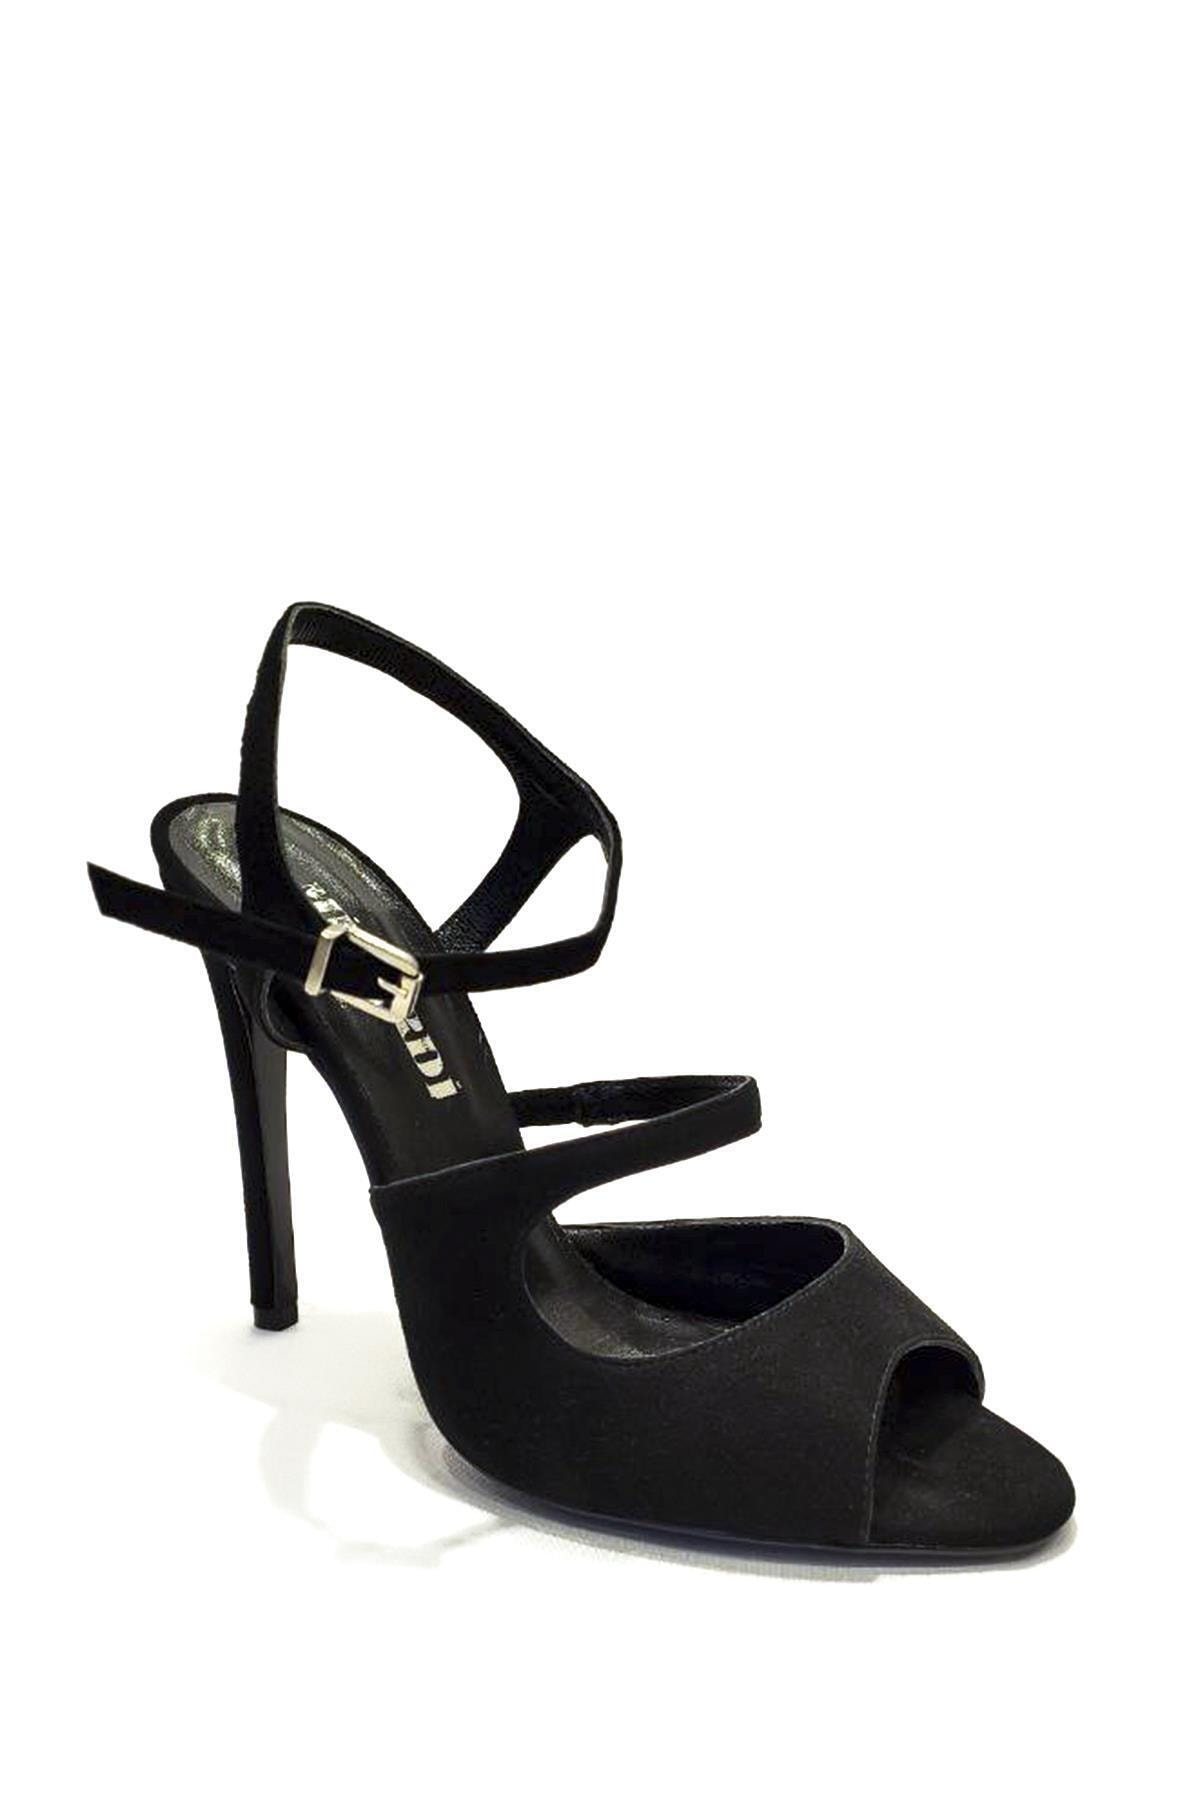 MİNARDİ Süet Klasik Topuklu Ayakkabı Mnd19y-780 1